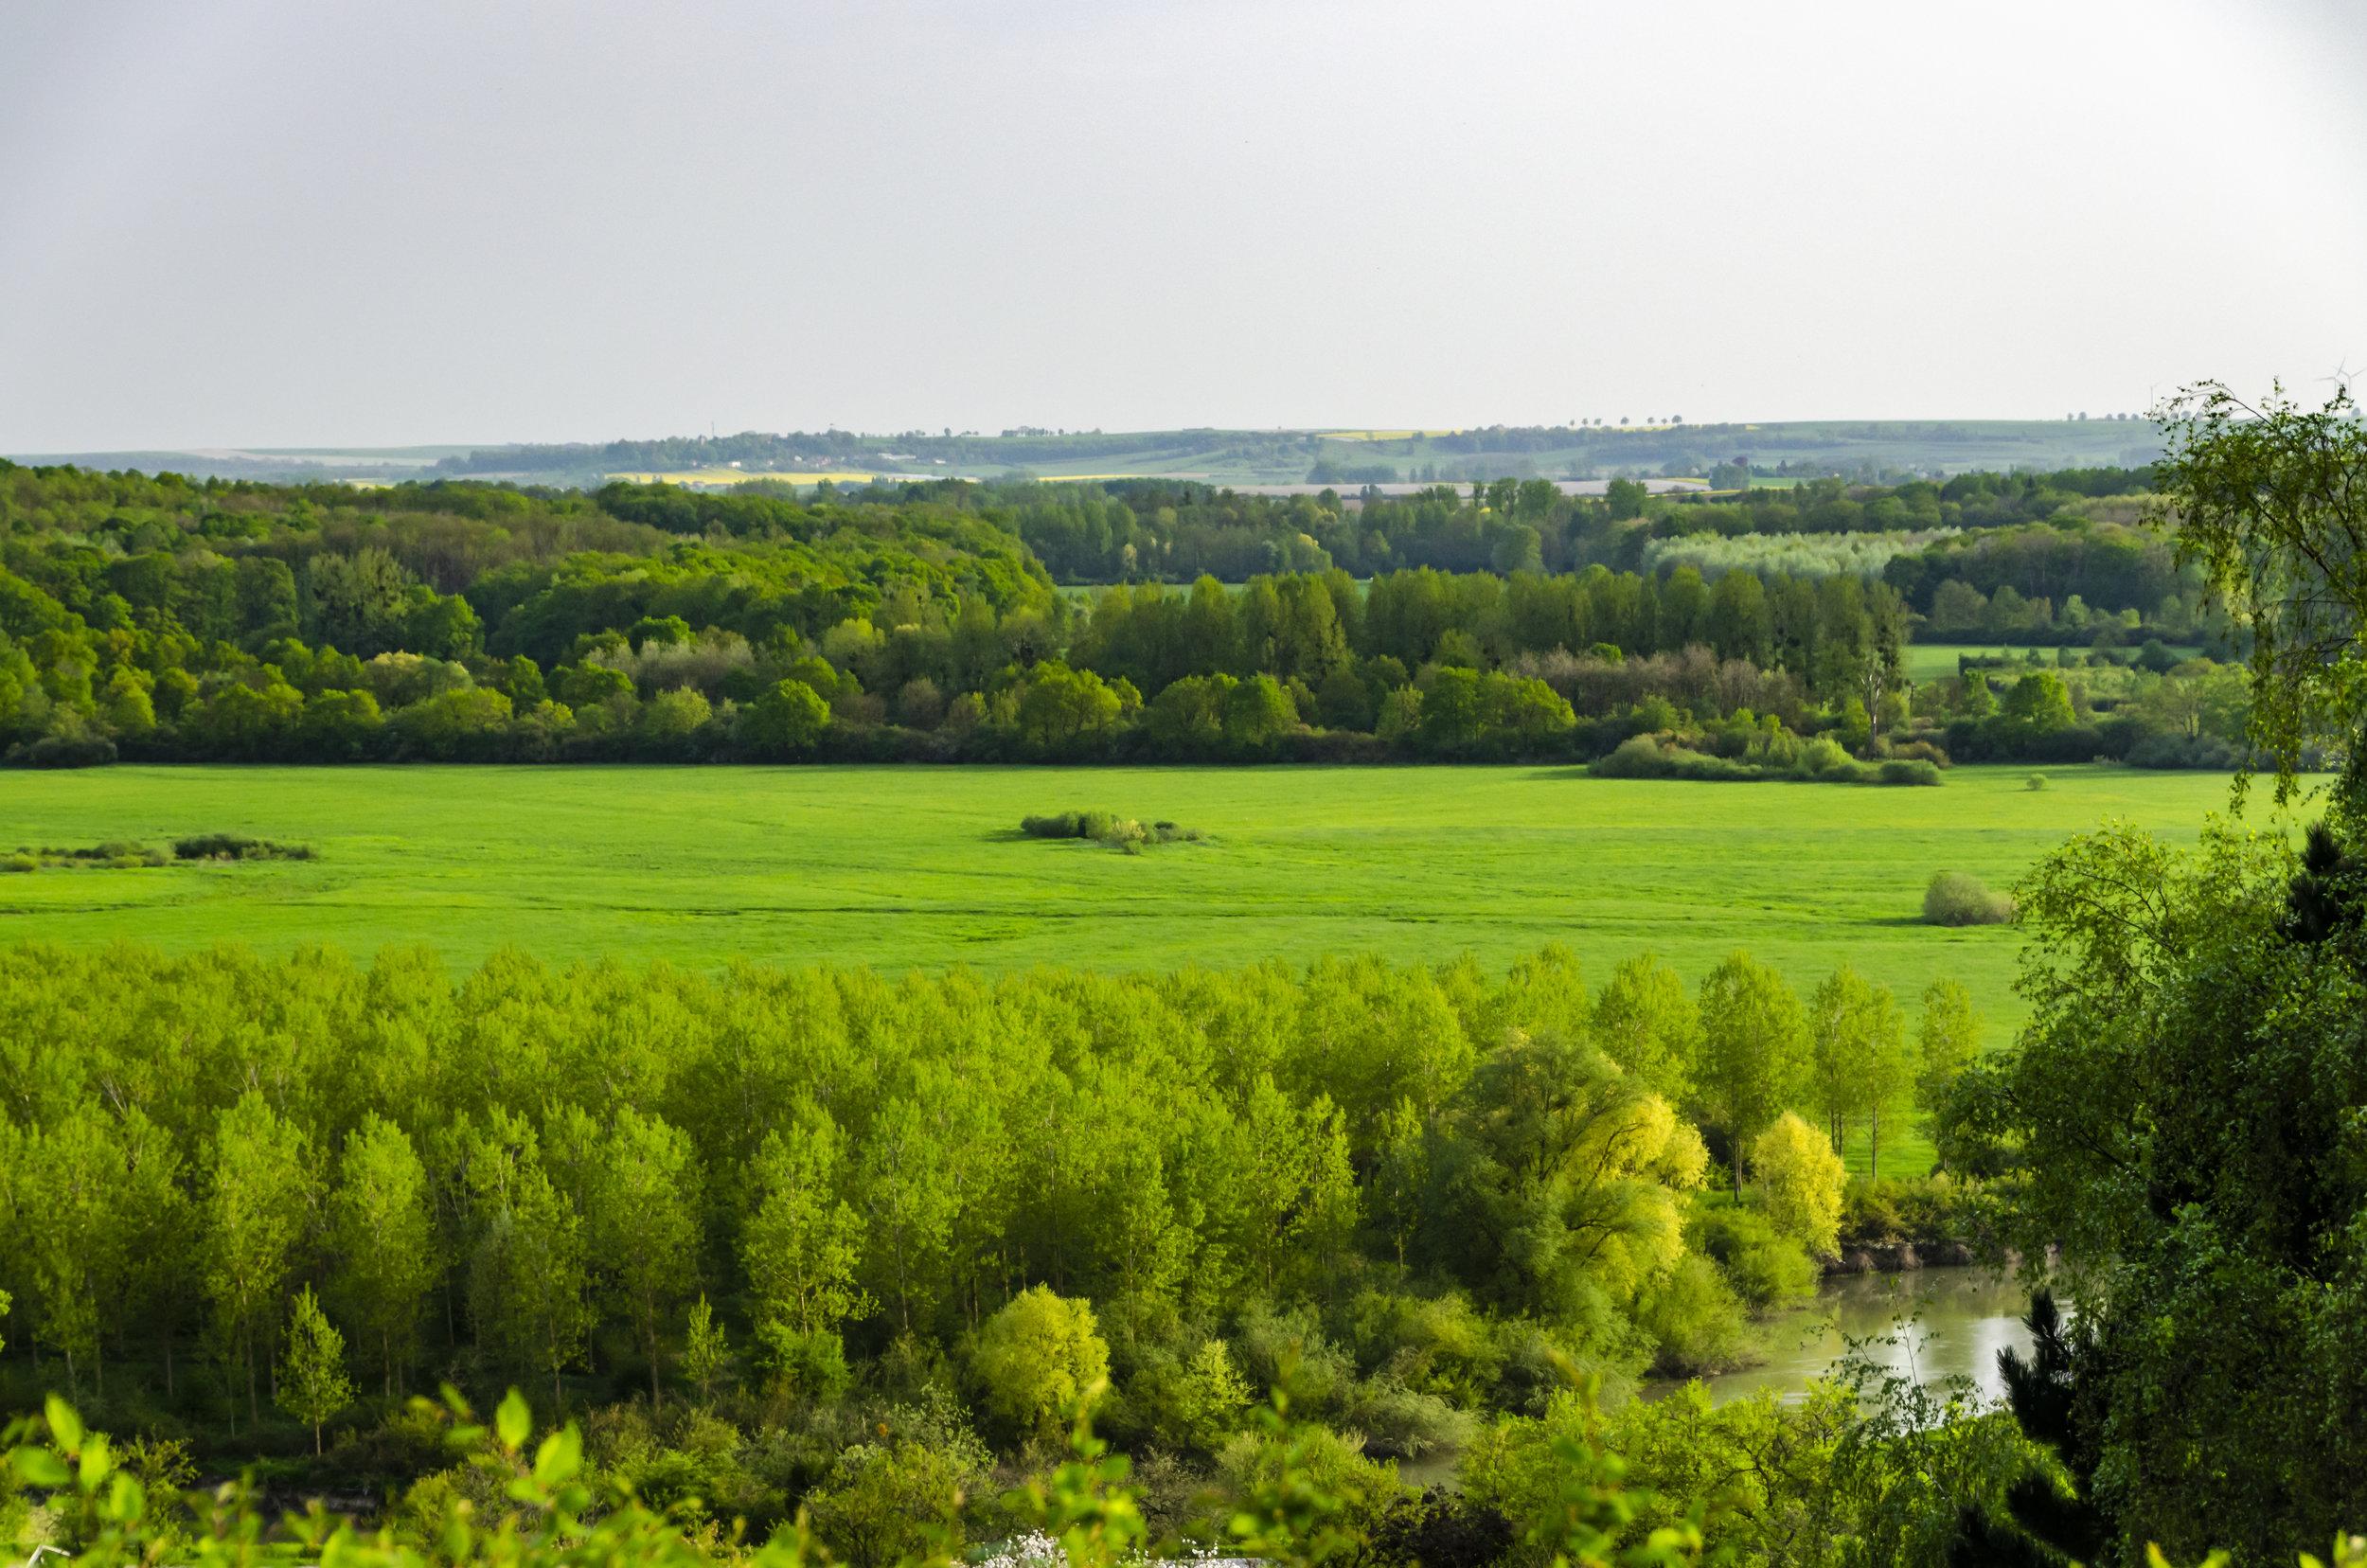 Forest Ferme Overlook at Voncq. Photo by Sarah Elisabeth Sawyer_.jpg